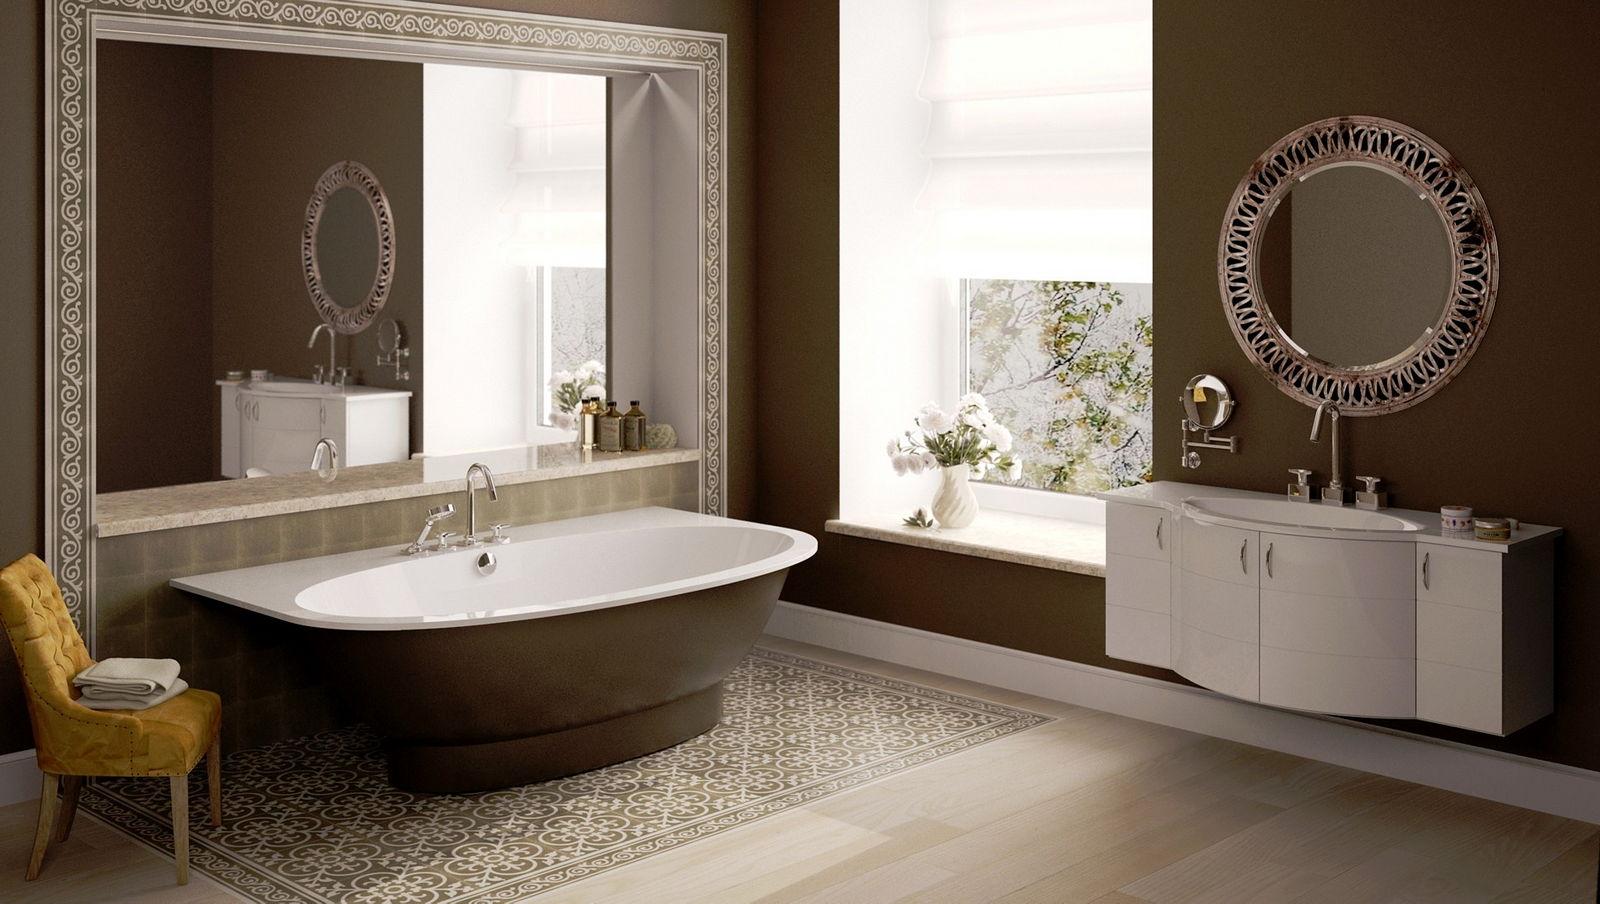 высота зеркала над раковиной в ванной декор идеи